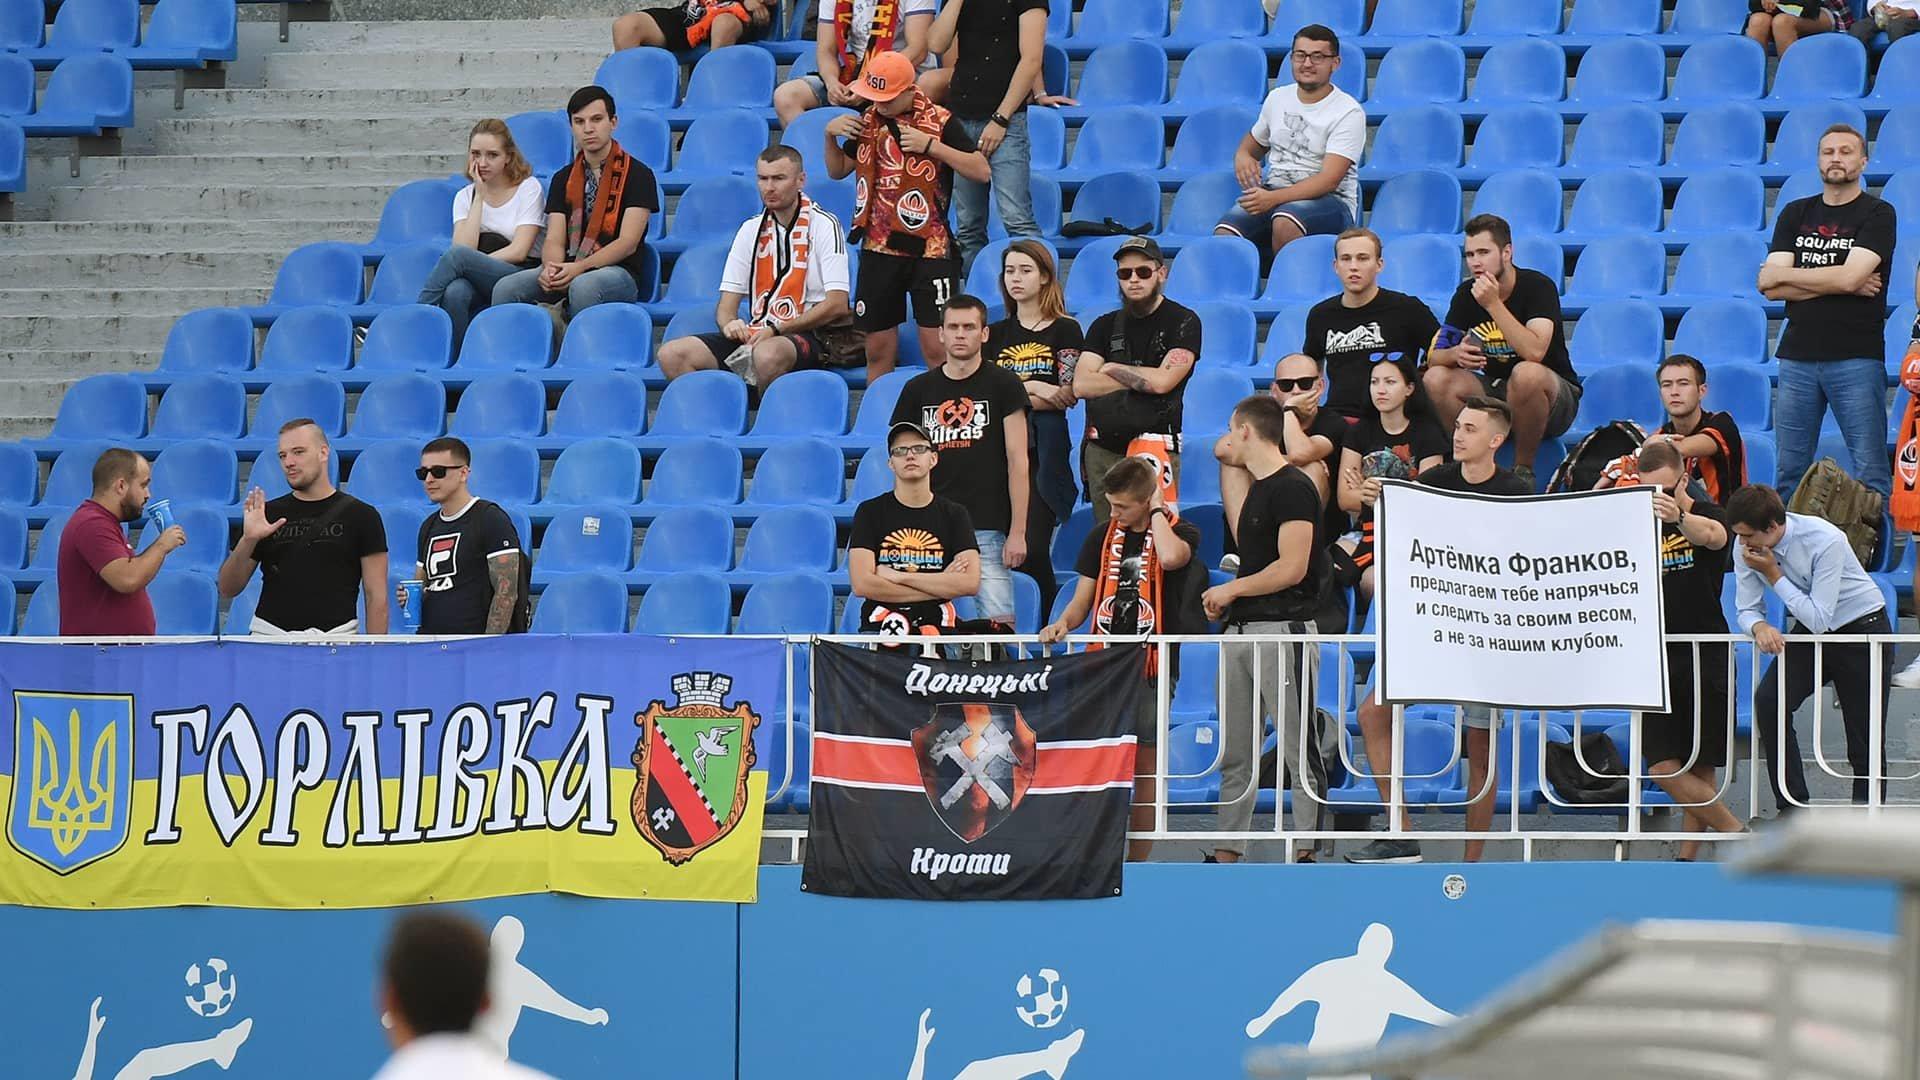 Исраелян: Динамо — не та команда, которой нужна помощь со стороны